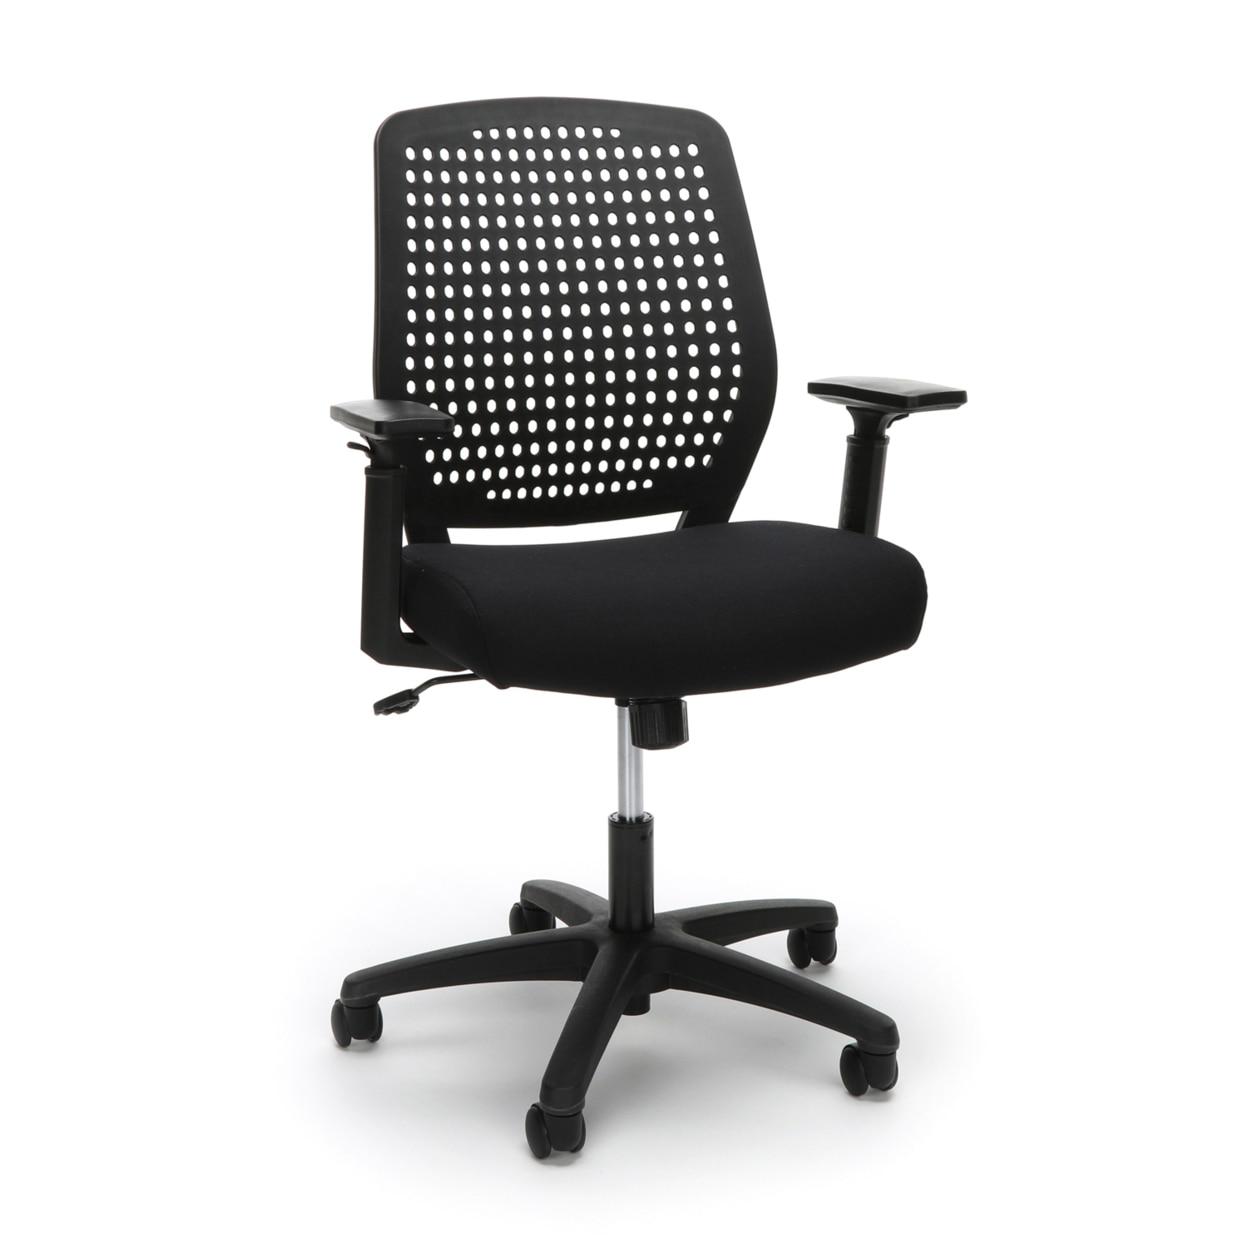 Модель ESS-2055 основы по модели Пластик назад эргономичный стул ...